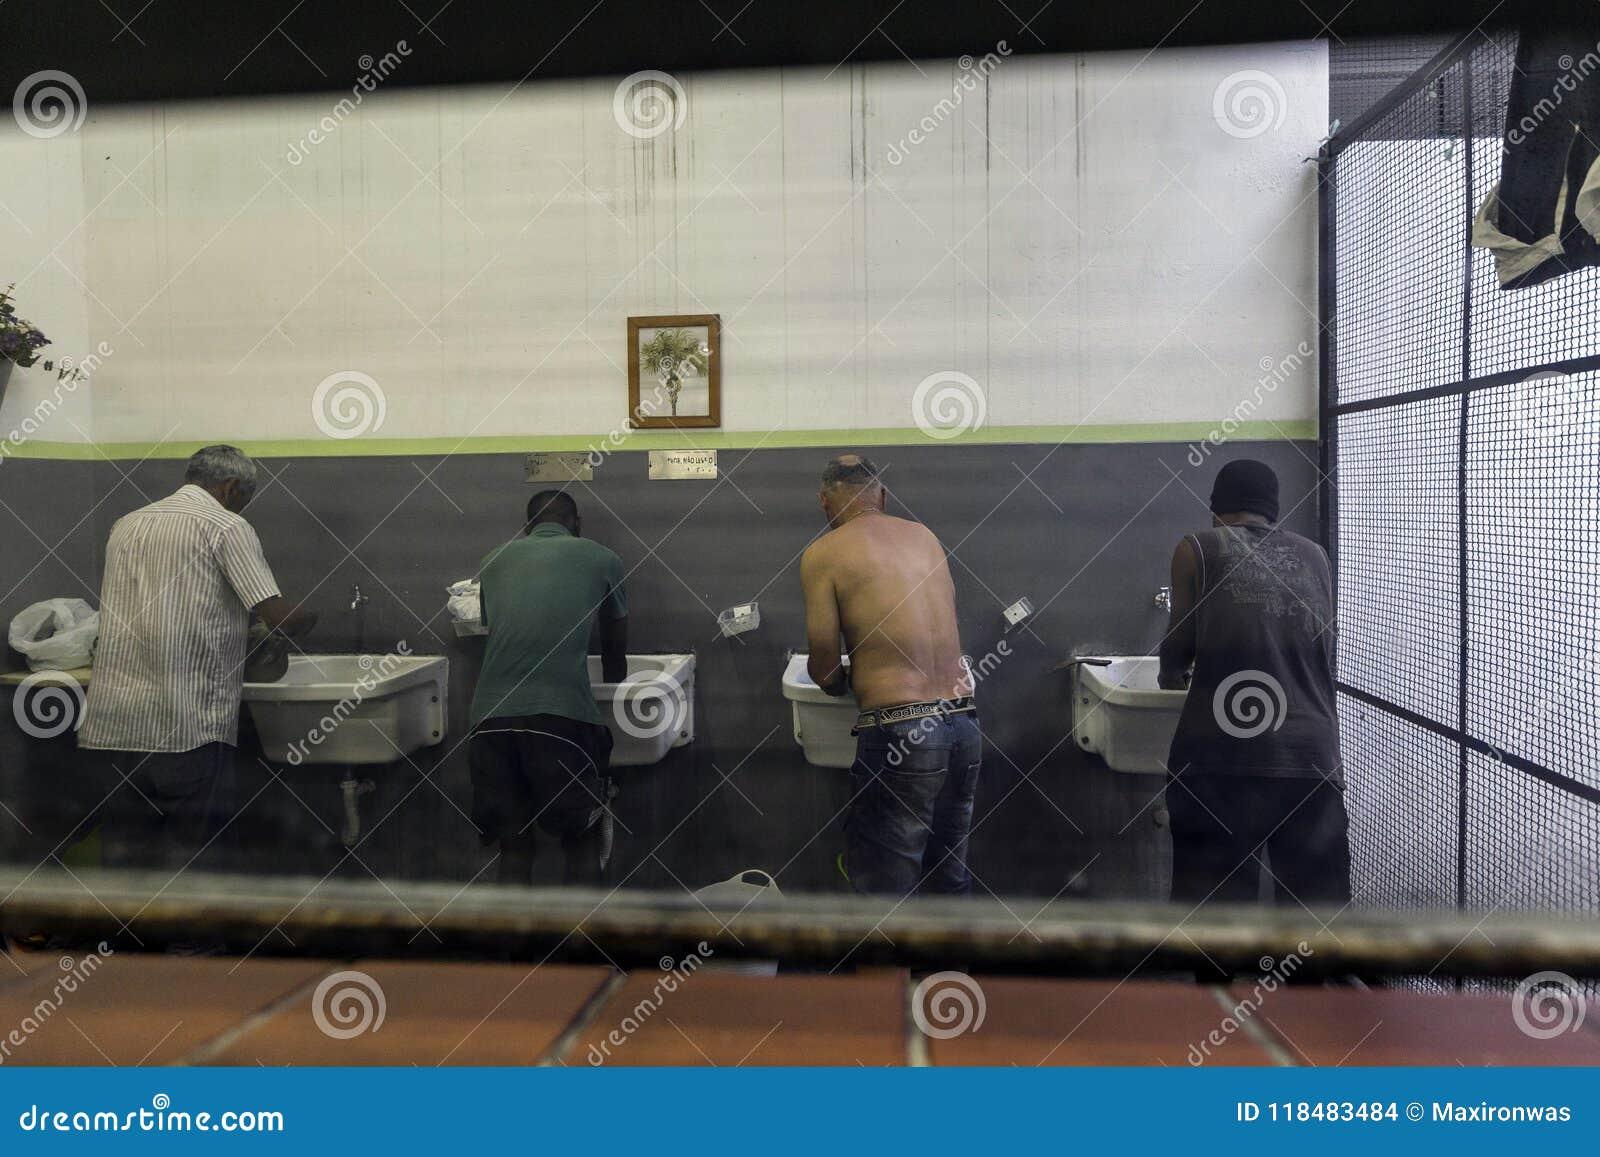 巴西-圣保洛- ONG Sermig -宿舍卫生间